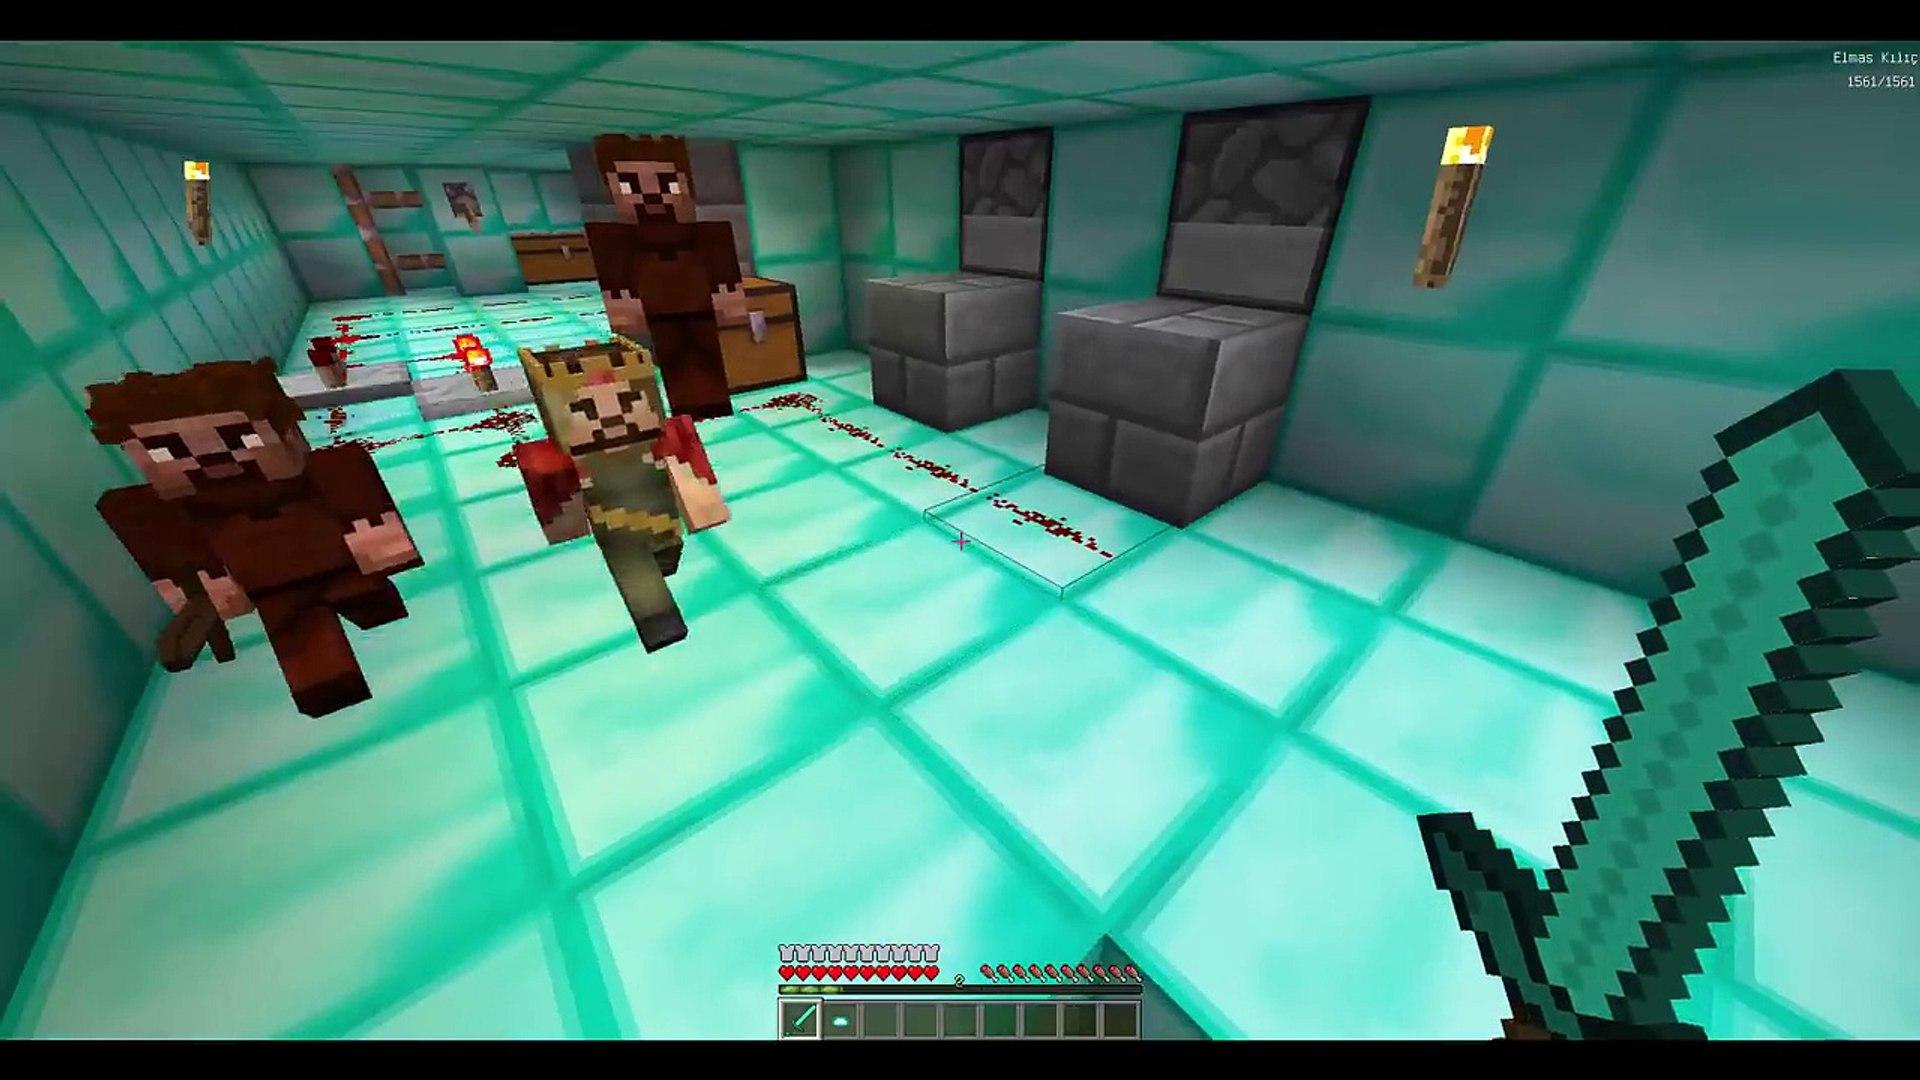 Kimsenin Bilmedigi Gizli Yer Alti Sehri Minecraft Video Dailymotion